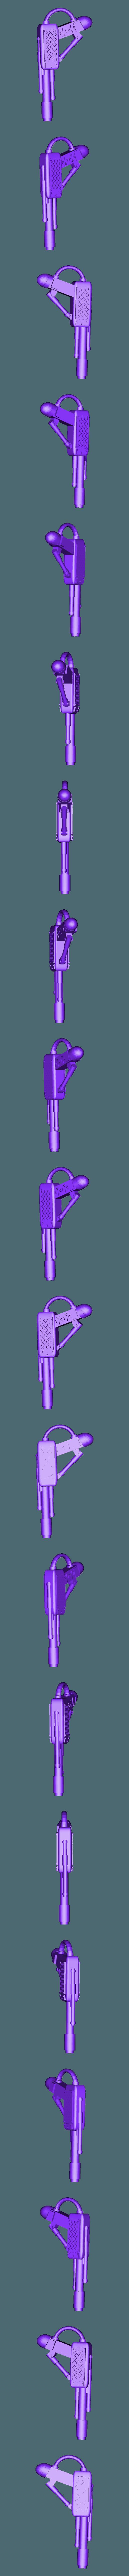 Skull_crusher_mega_cannon.stl Télécharger fichier STL gratuit Ork Mega Gargant Epic 40k proxy model 6mm Titanicus • Modèle pour imprimante 3D, redstarkits